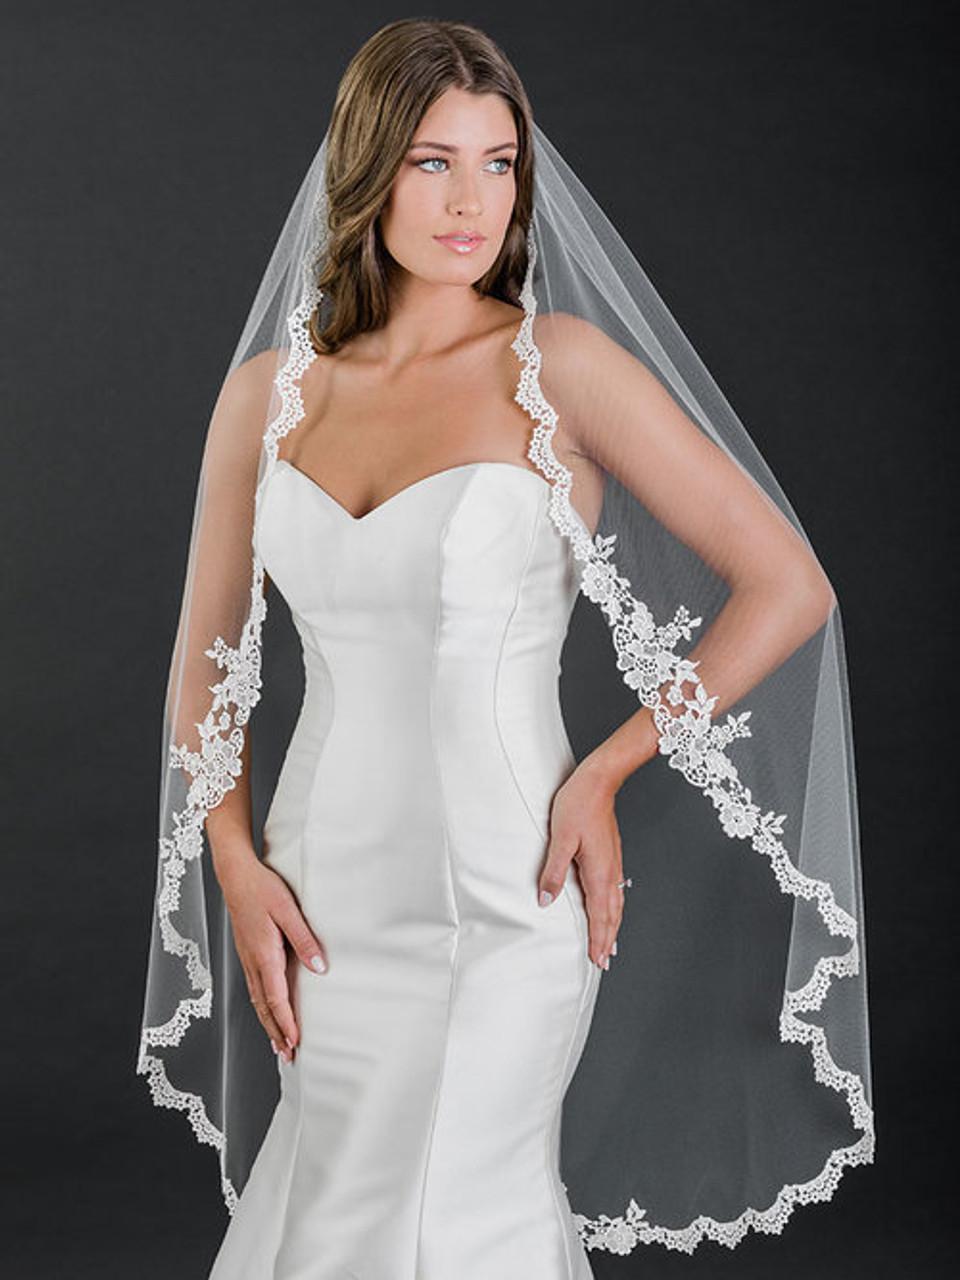 Bel Aire Bridal Veils V7509 - 1-tier knee length veil with Venise lace edge